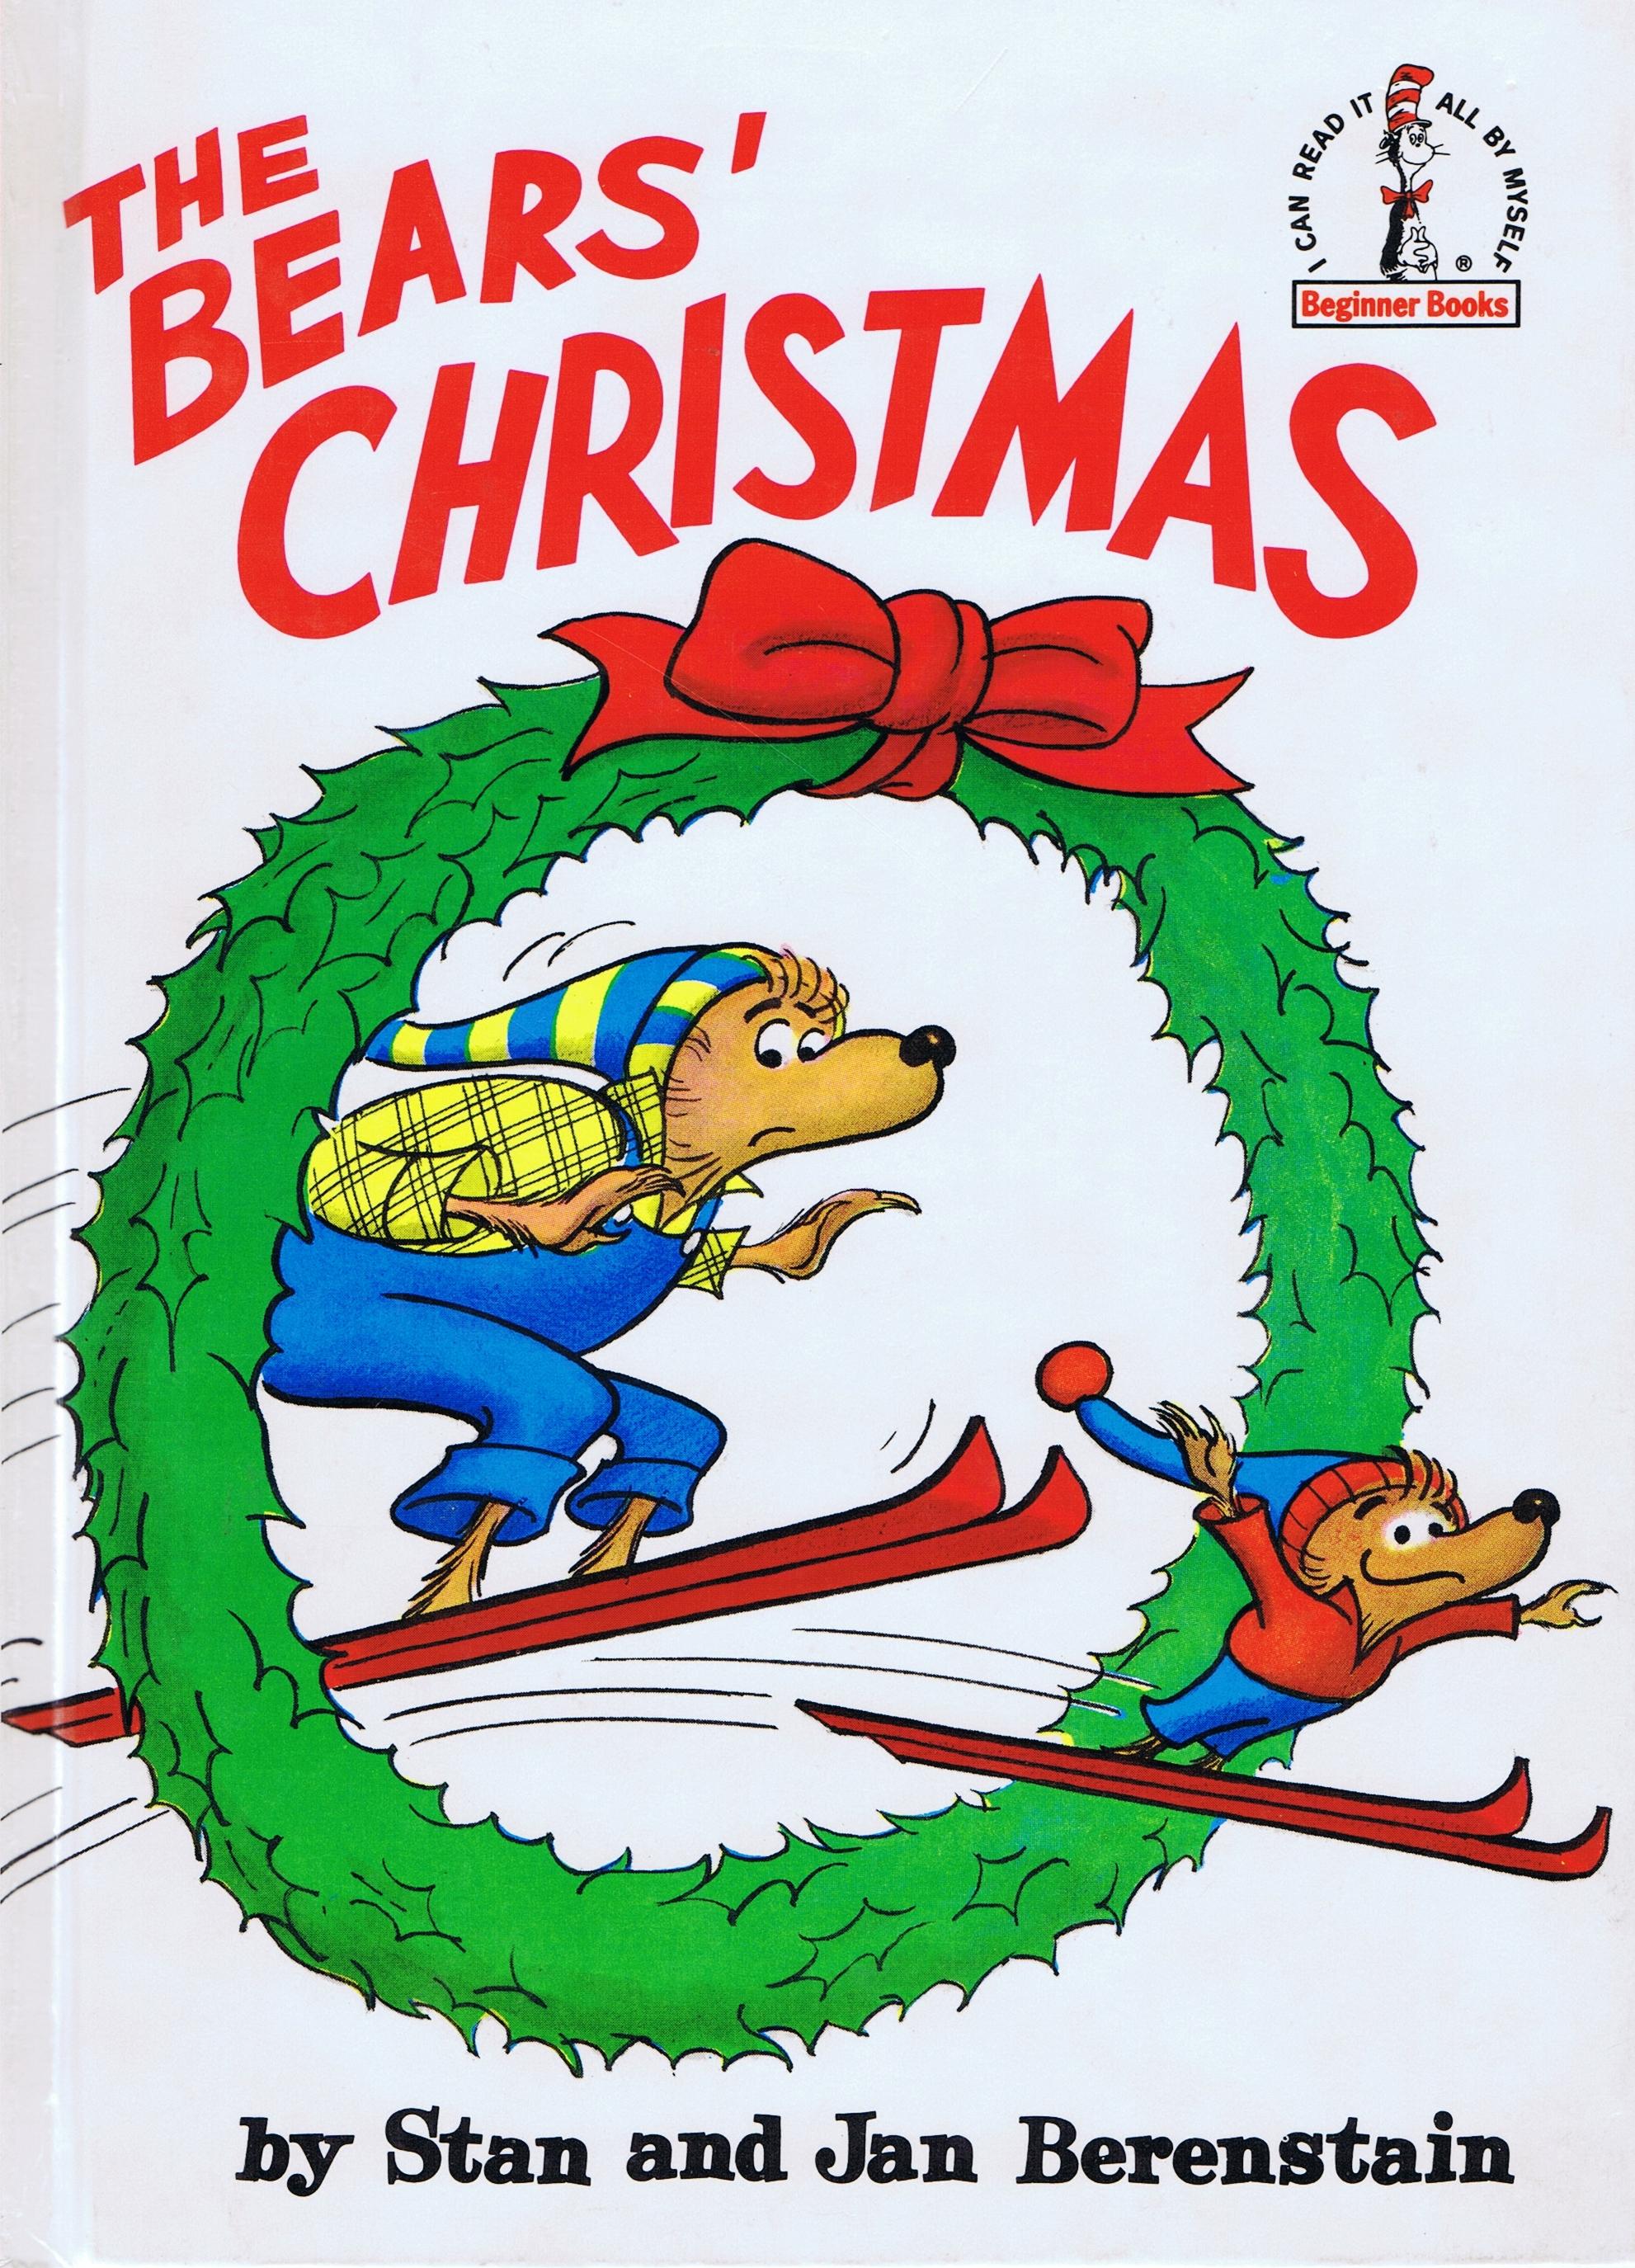 The Bears Christmas | Dr. Seuss Wiki | FANDOM powered by Wikia